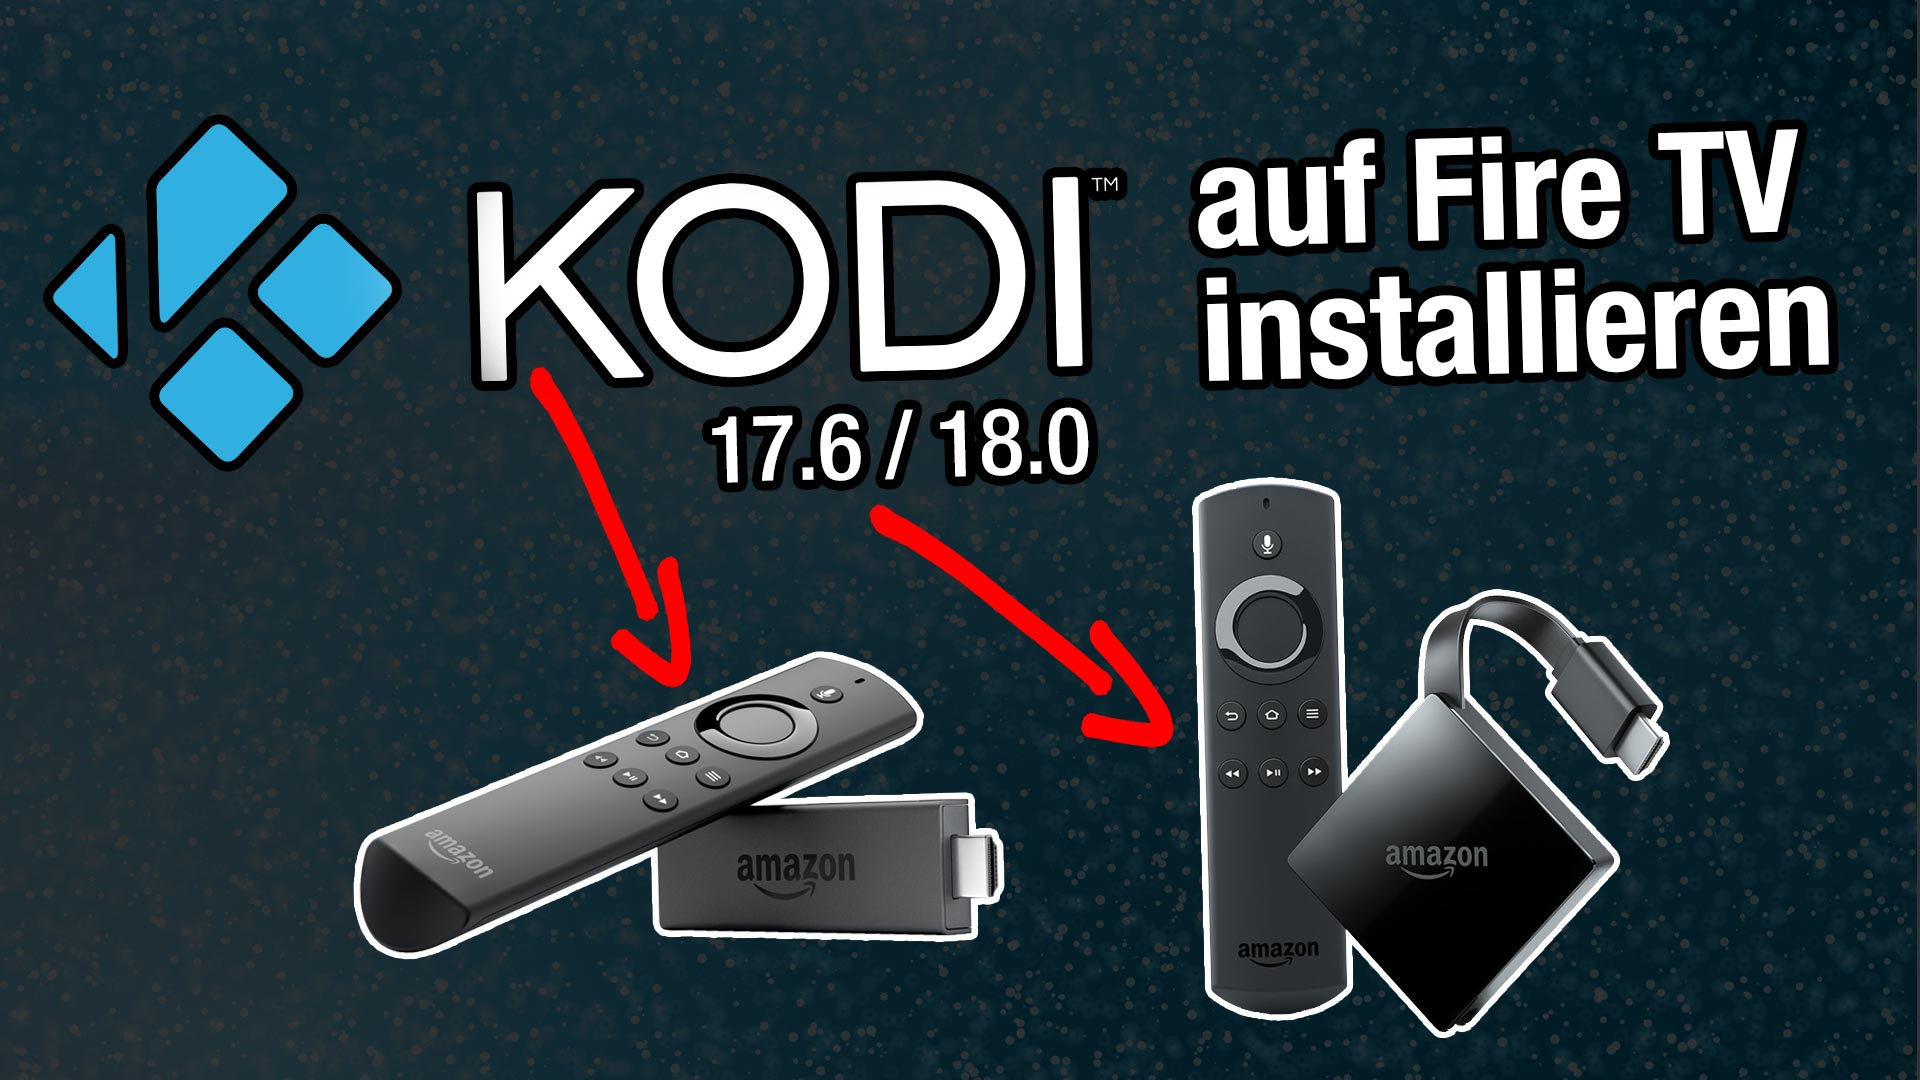 Anleitung: Kodi 18.0 auf dem beliebigen Fire TVs oder Fire TV Sticks installieren ohne PC (einfachste Variante)